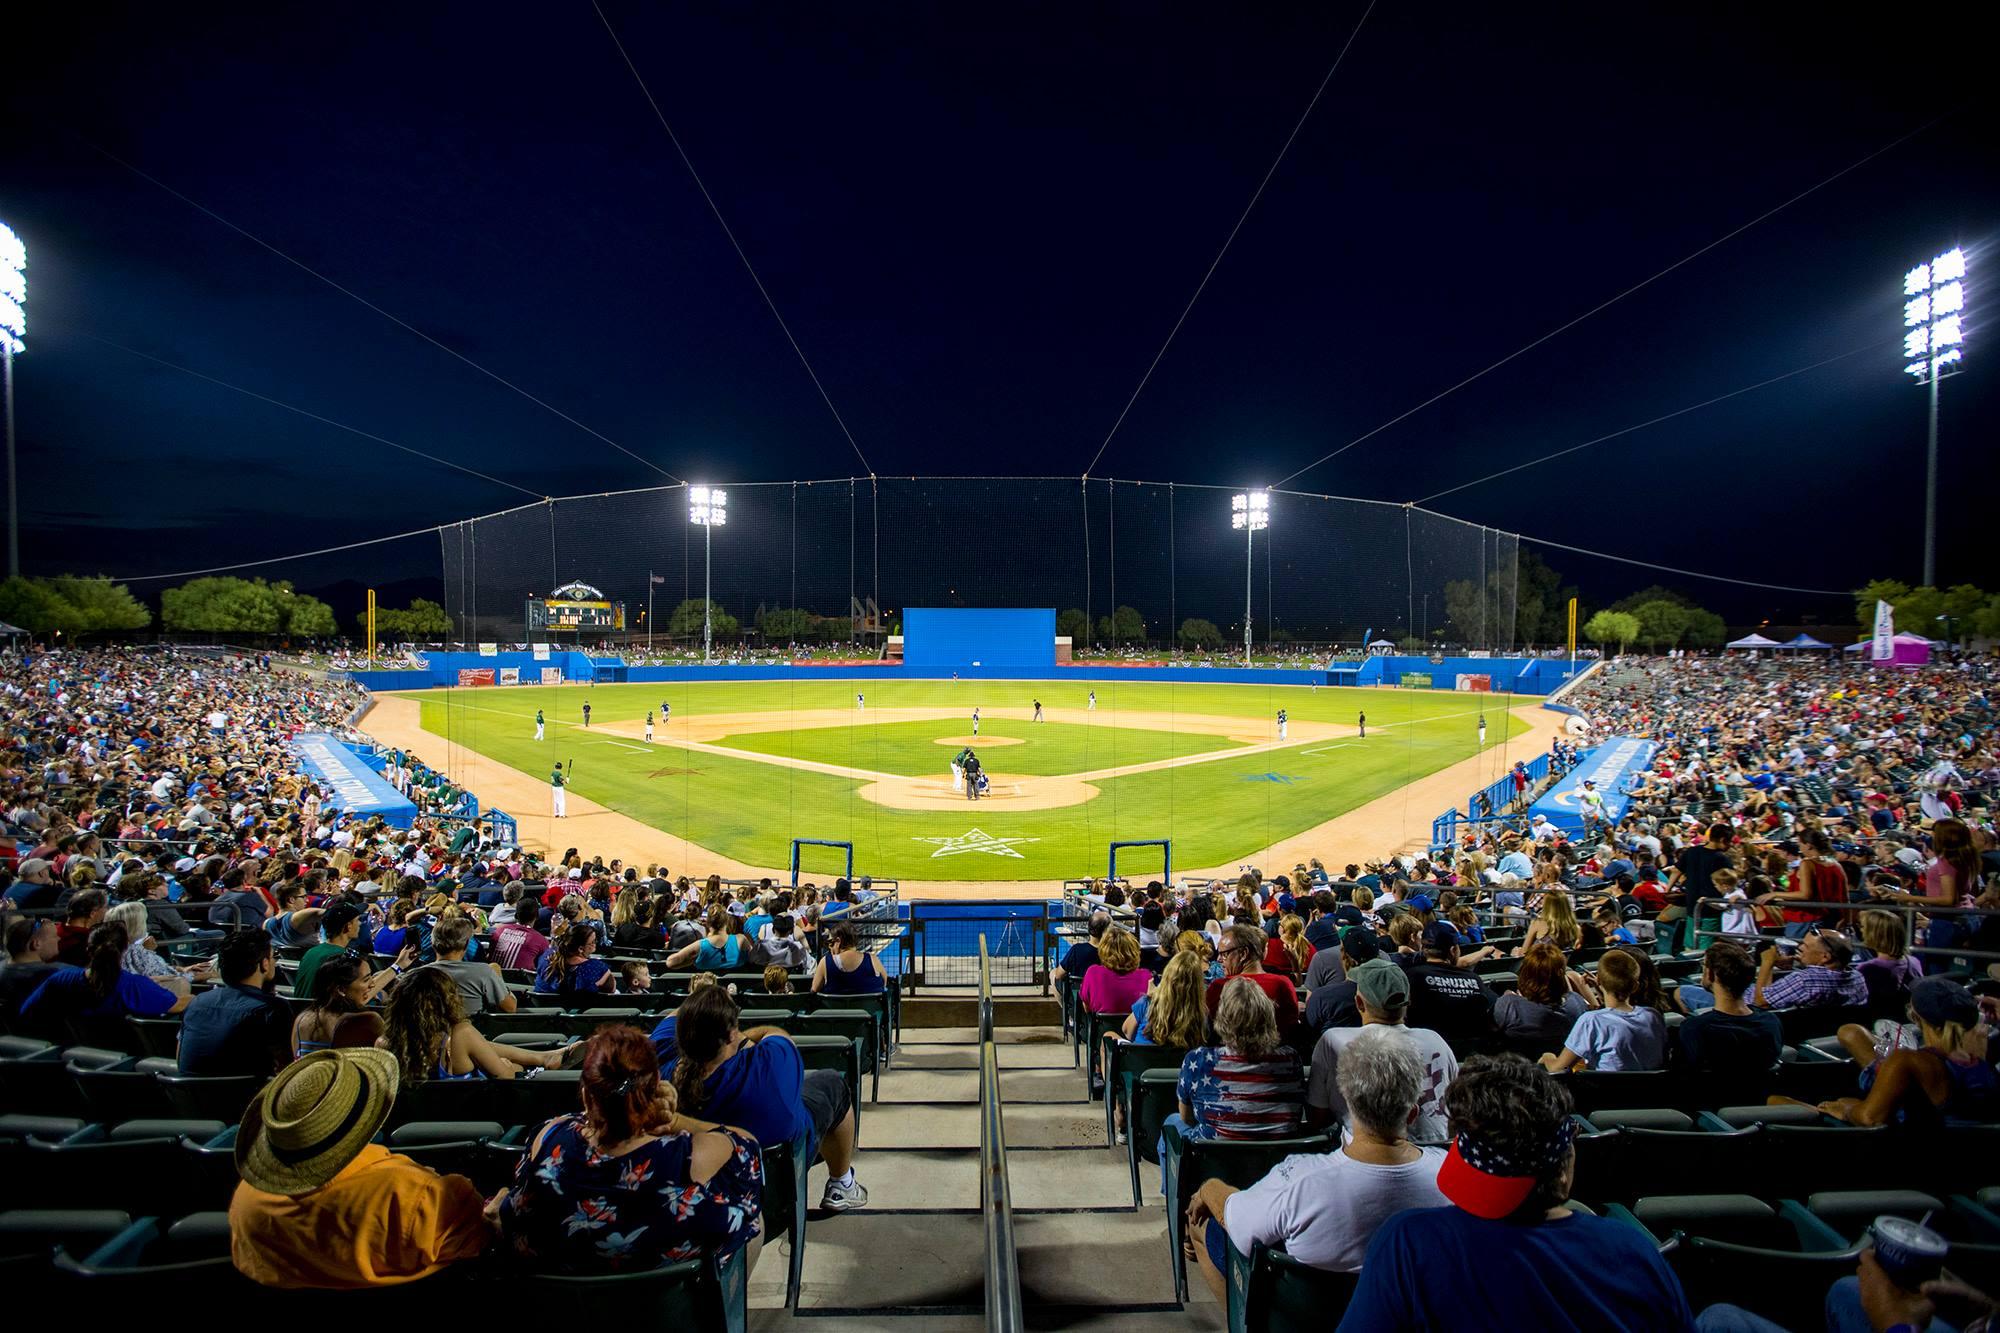 Kino Veterans Memorial Stadium in Tucson.